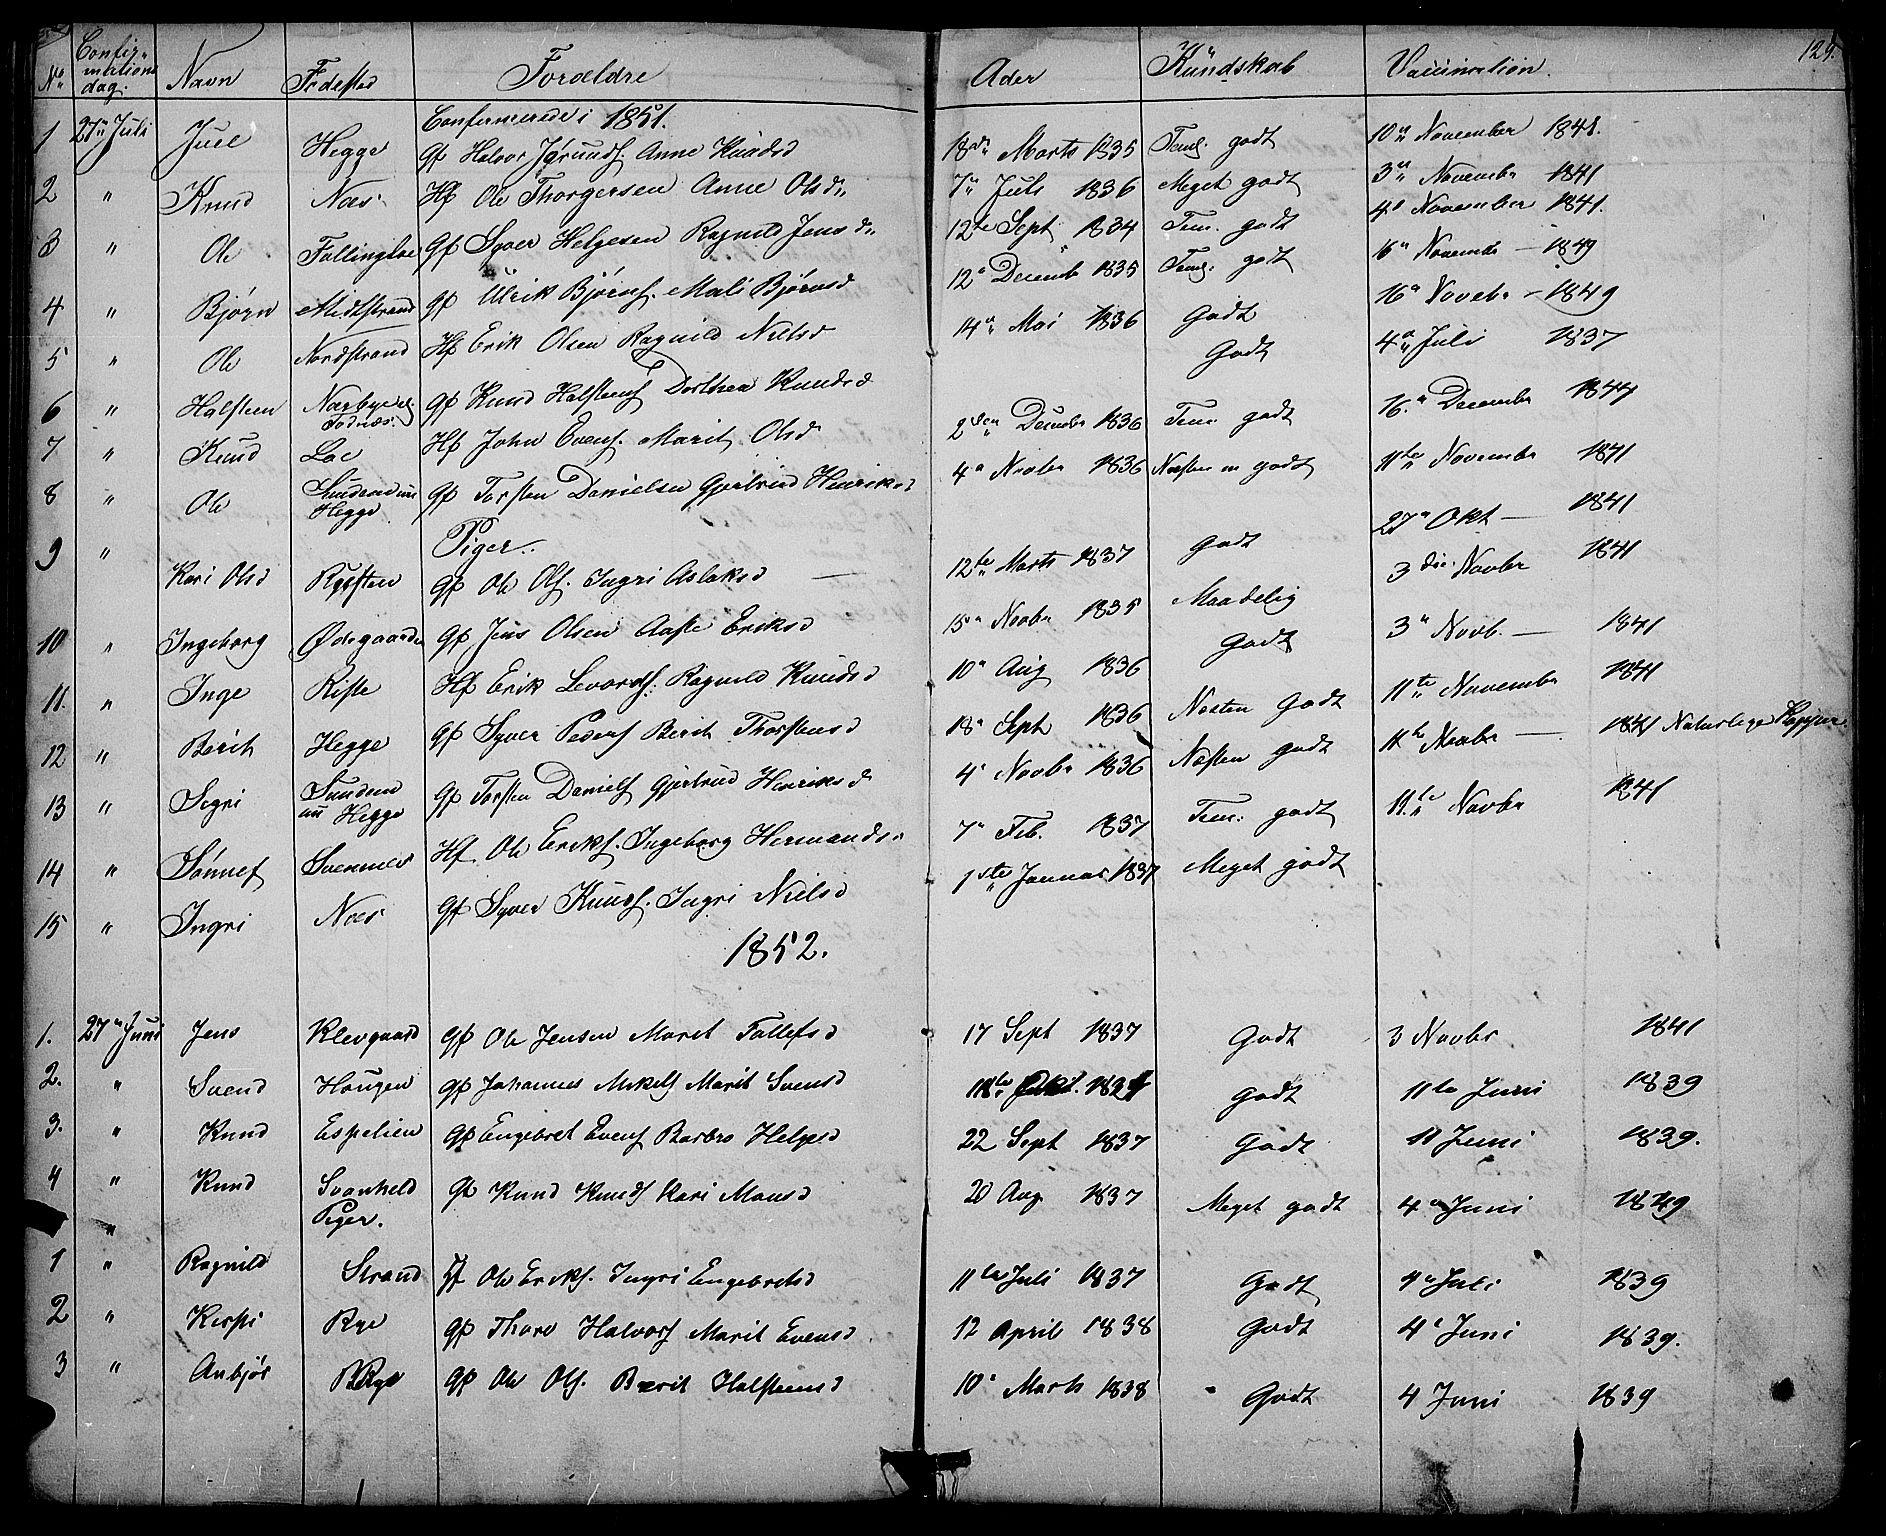 SAH, Nord-Aurdal prestekontor, Klokkerbok nr. 3, 1842-1882, s. 129